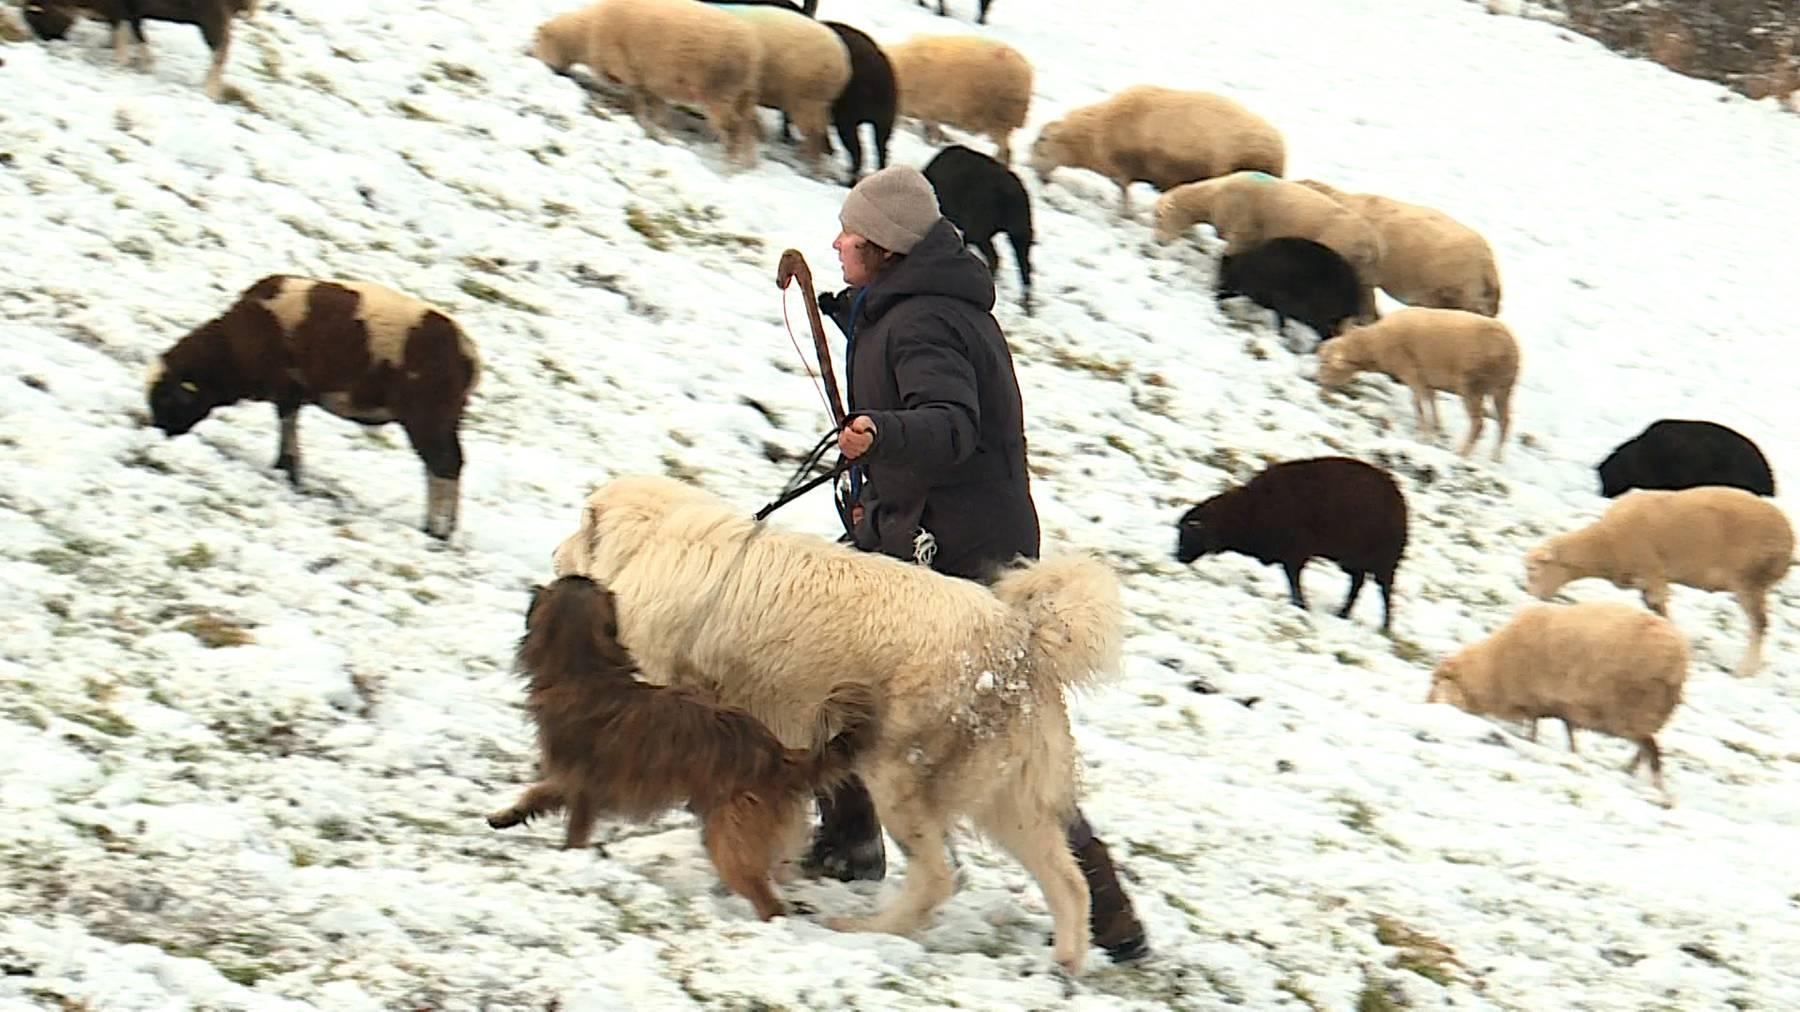 Hüterin über 400 Schafe